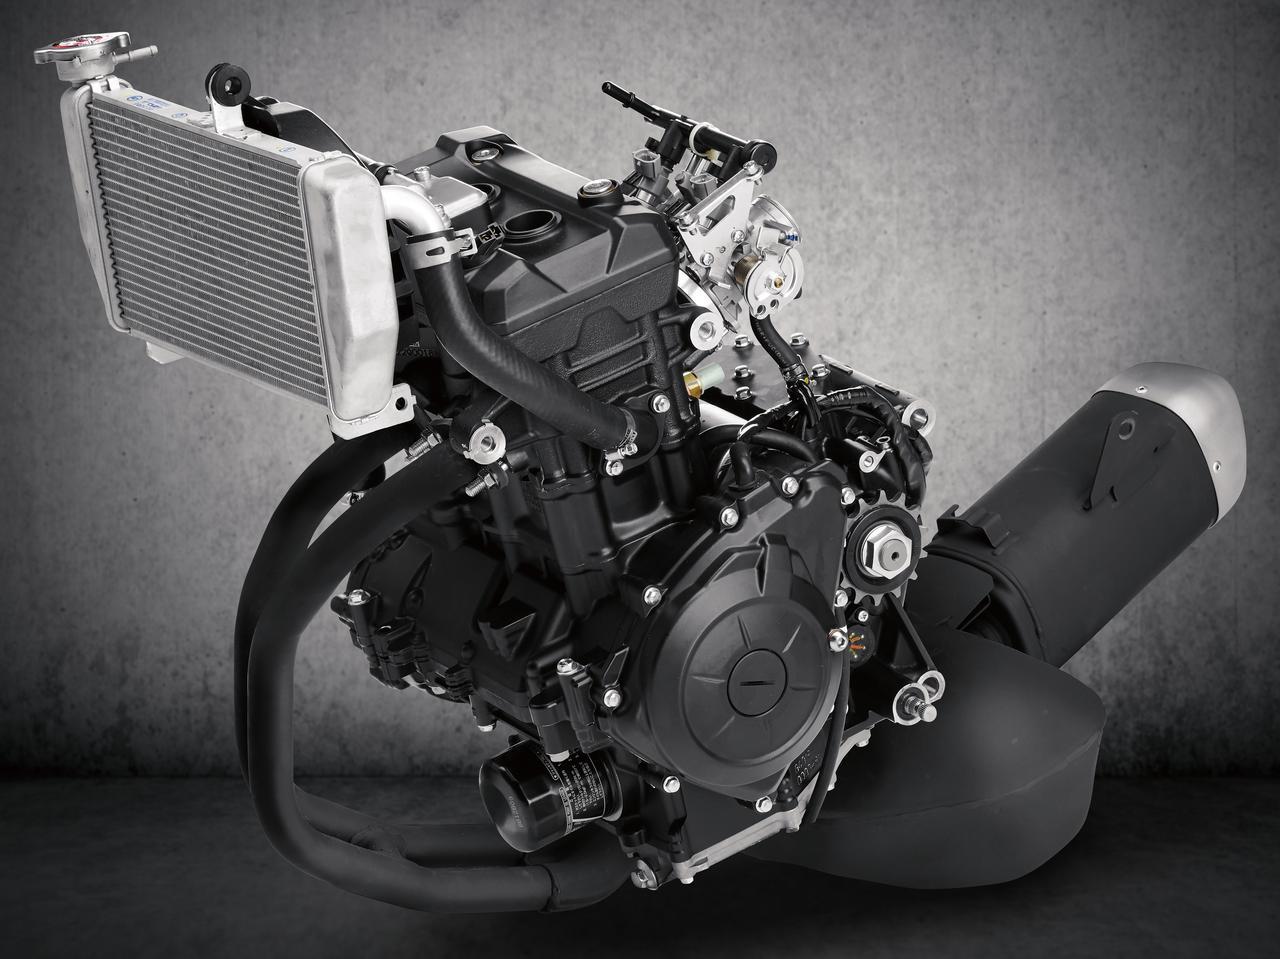 画像: 全回転域でトルクフルなパワー特性で高く評価されている水冷DOHCツインは継承。パワースペックは35PSとトップレベルにある。